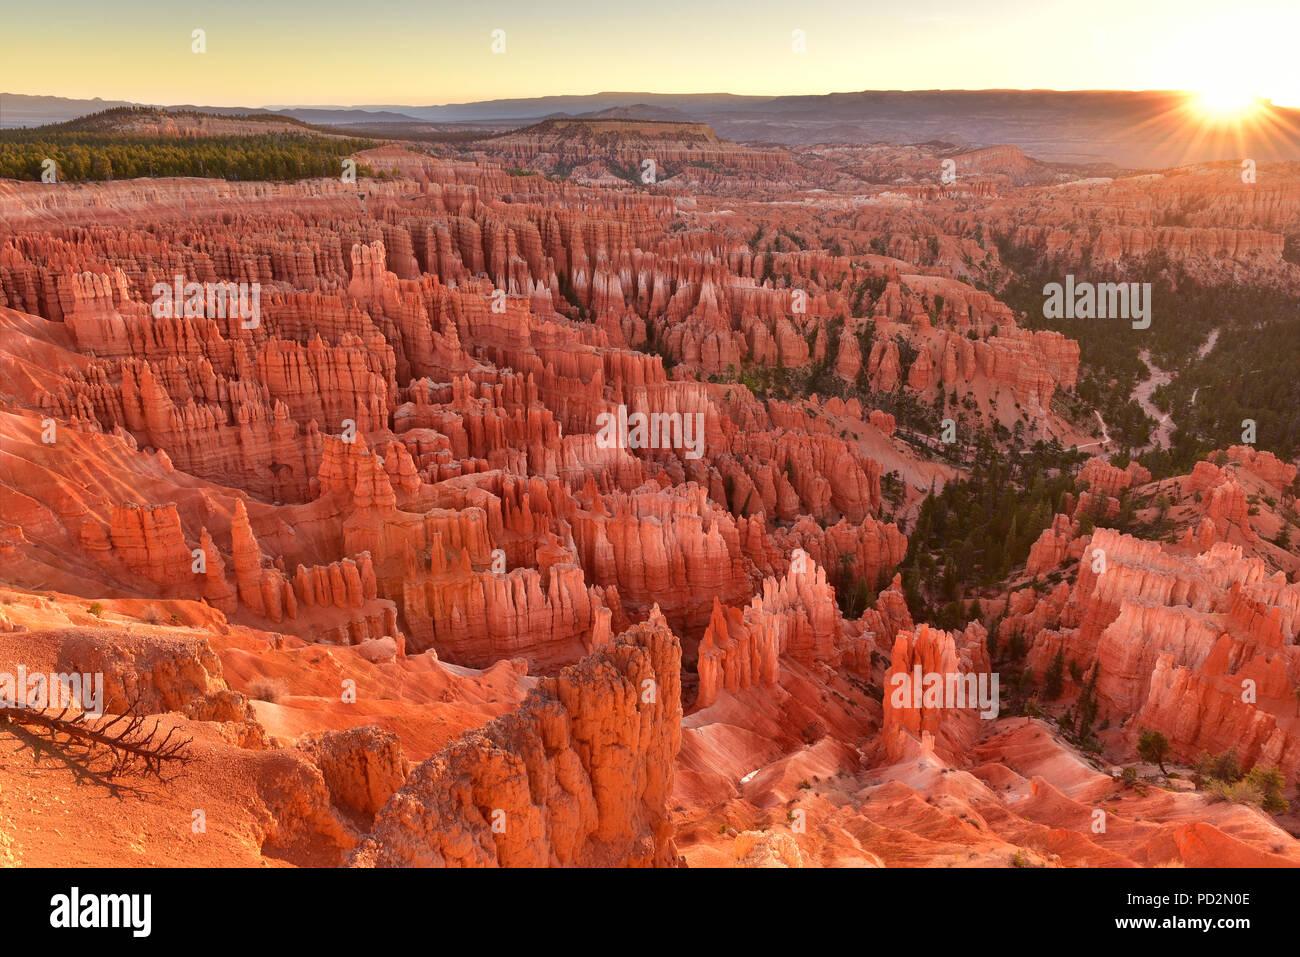 Sunrise Point dans le Parc National de Bryce Canyon dans l'Utah USA pendant le lever du soleil. Photo Stock